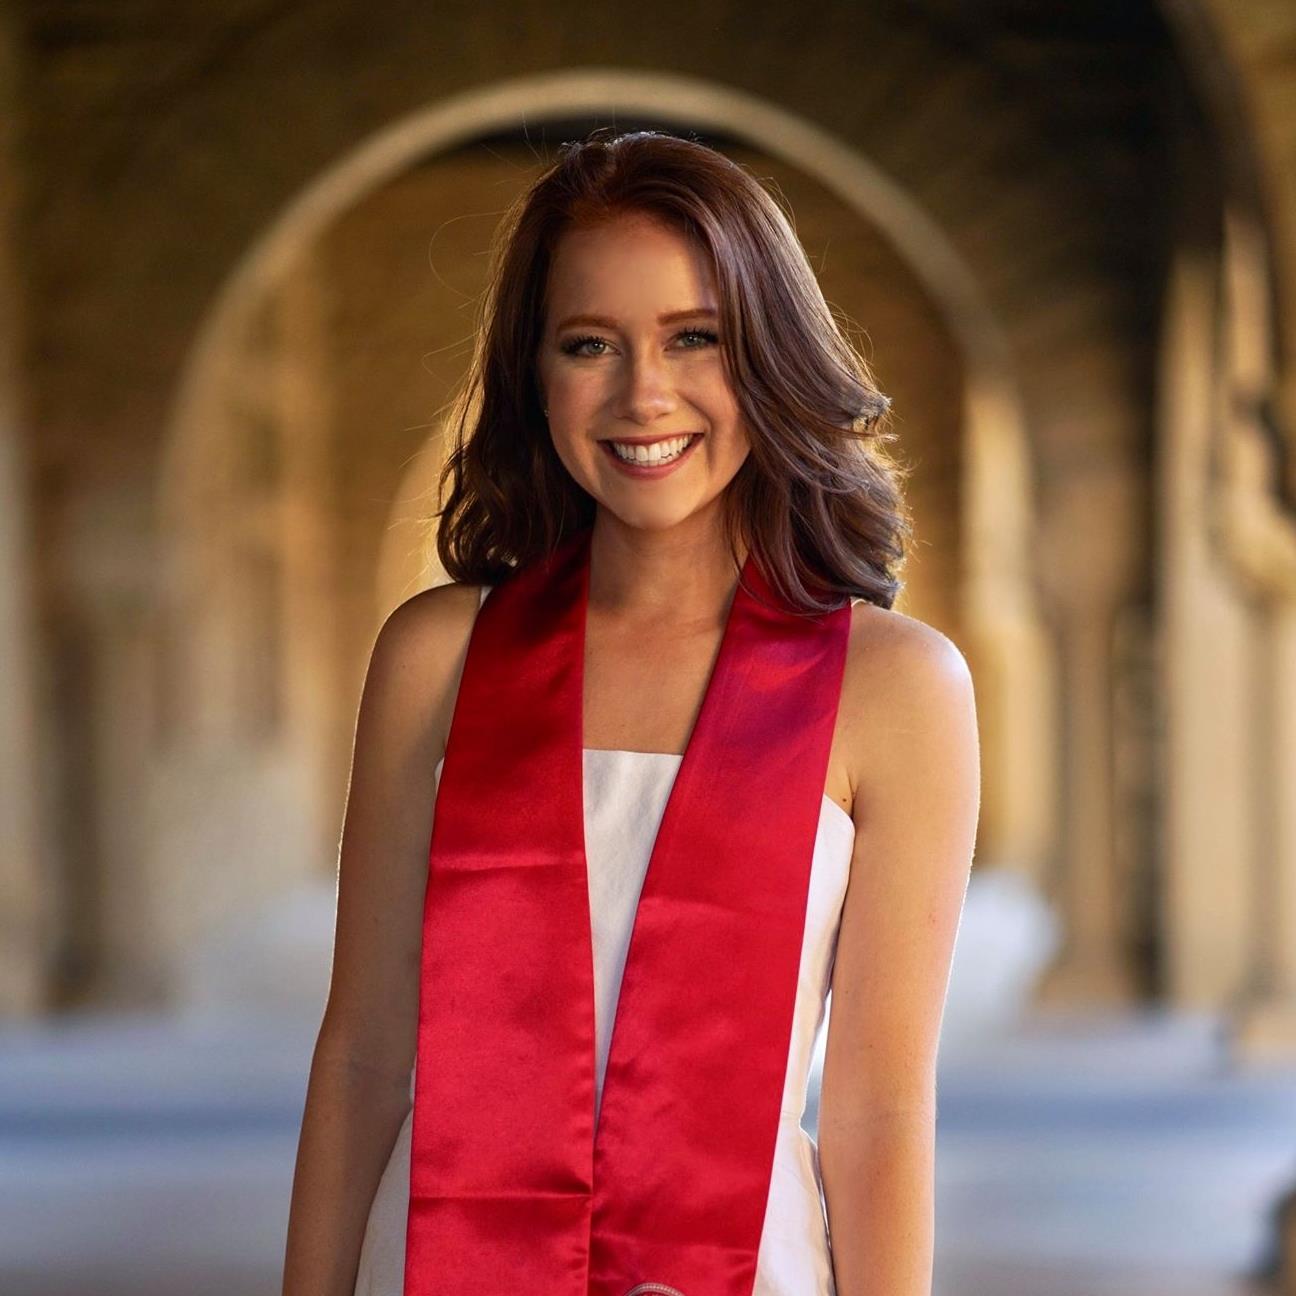 Sarah Manney — Class of 2018